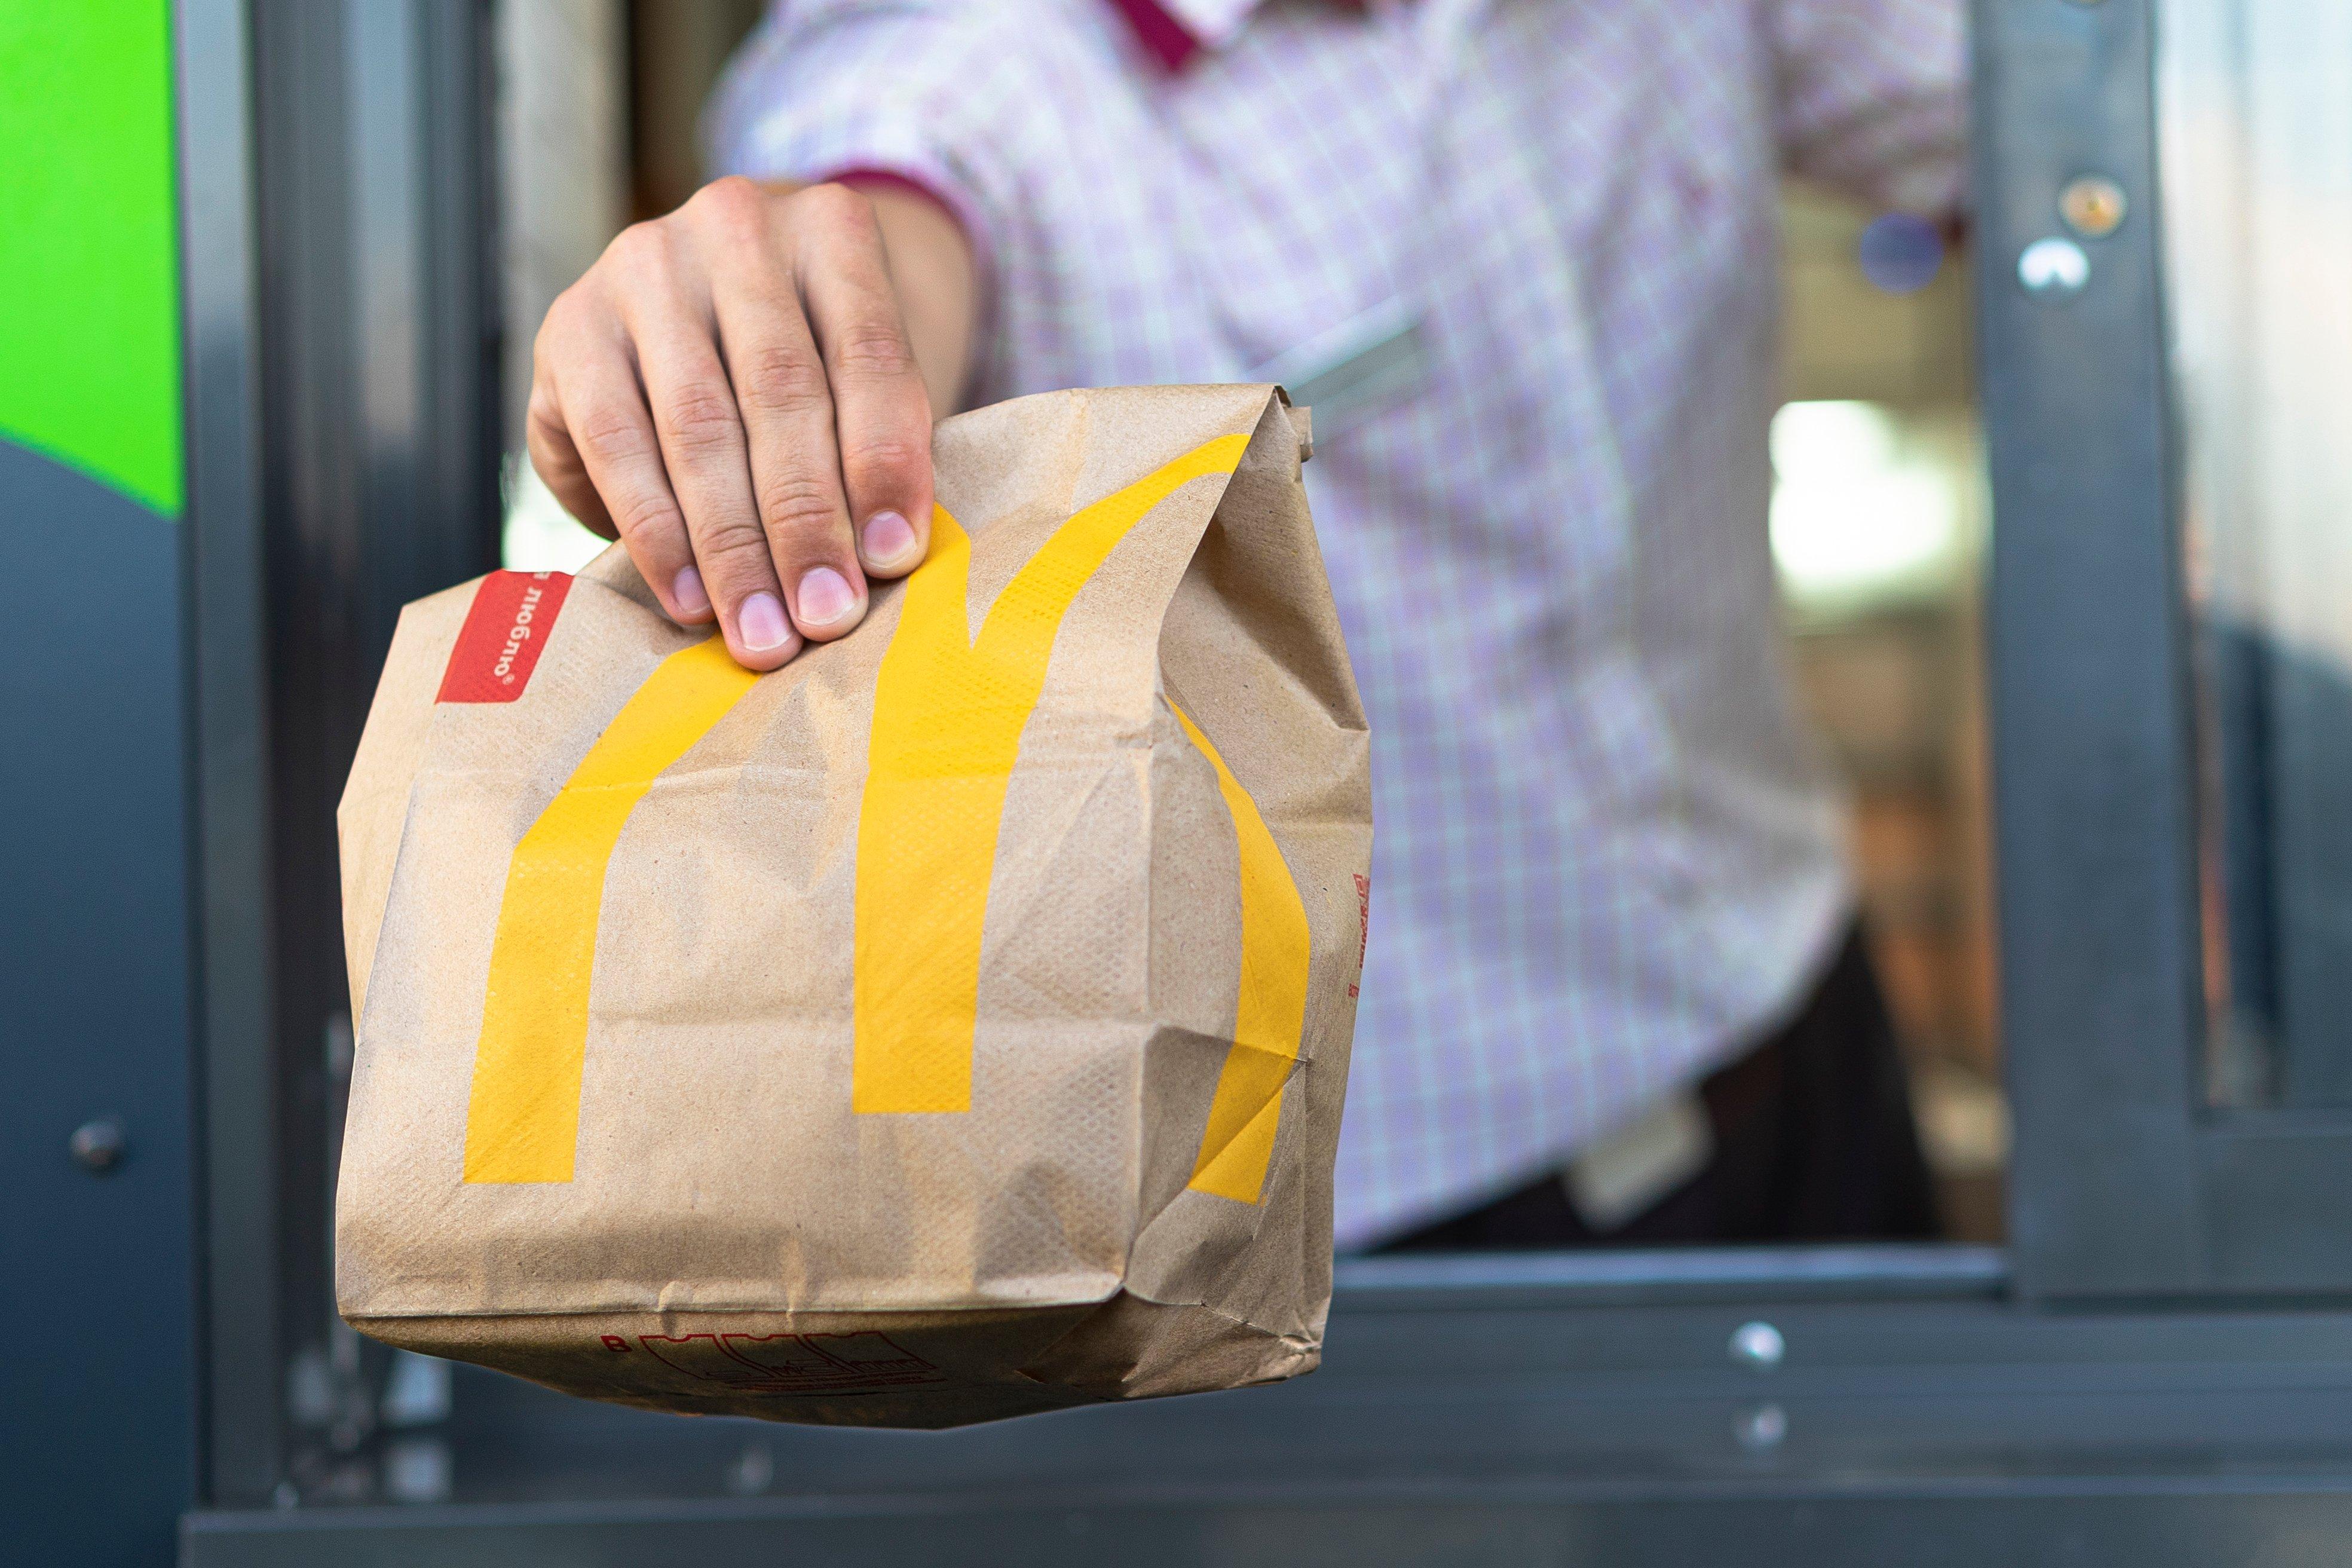 qsr food service market research mcdonalds bag